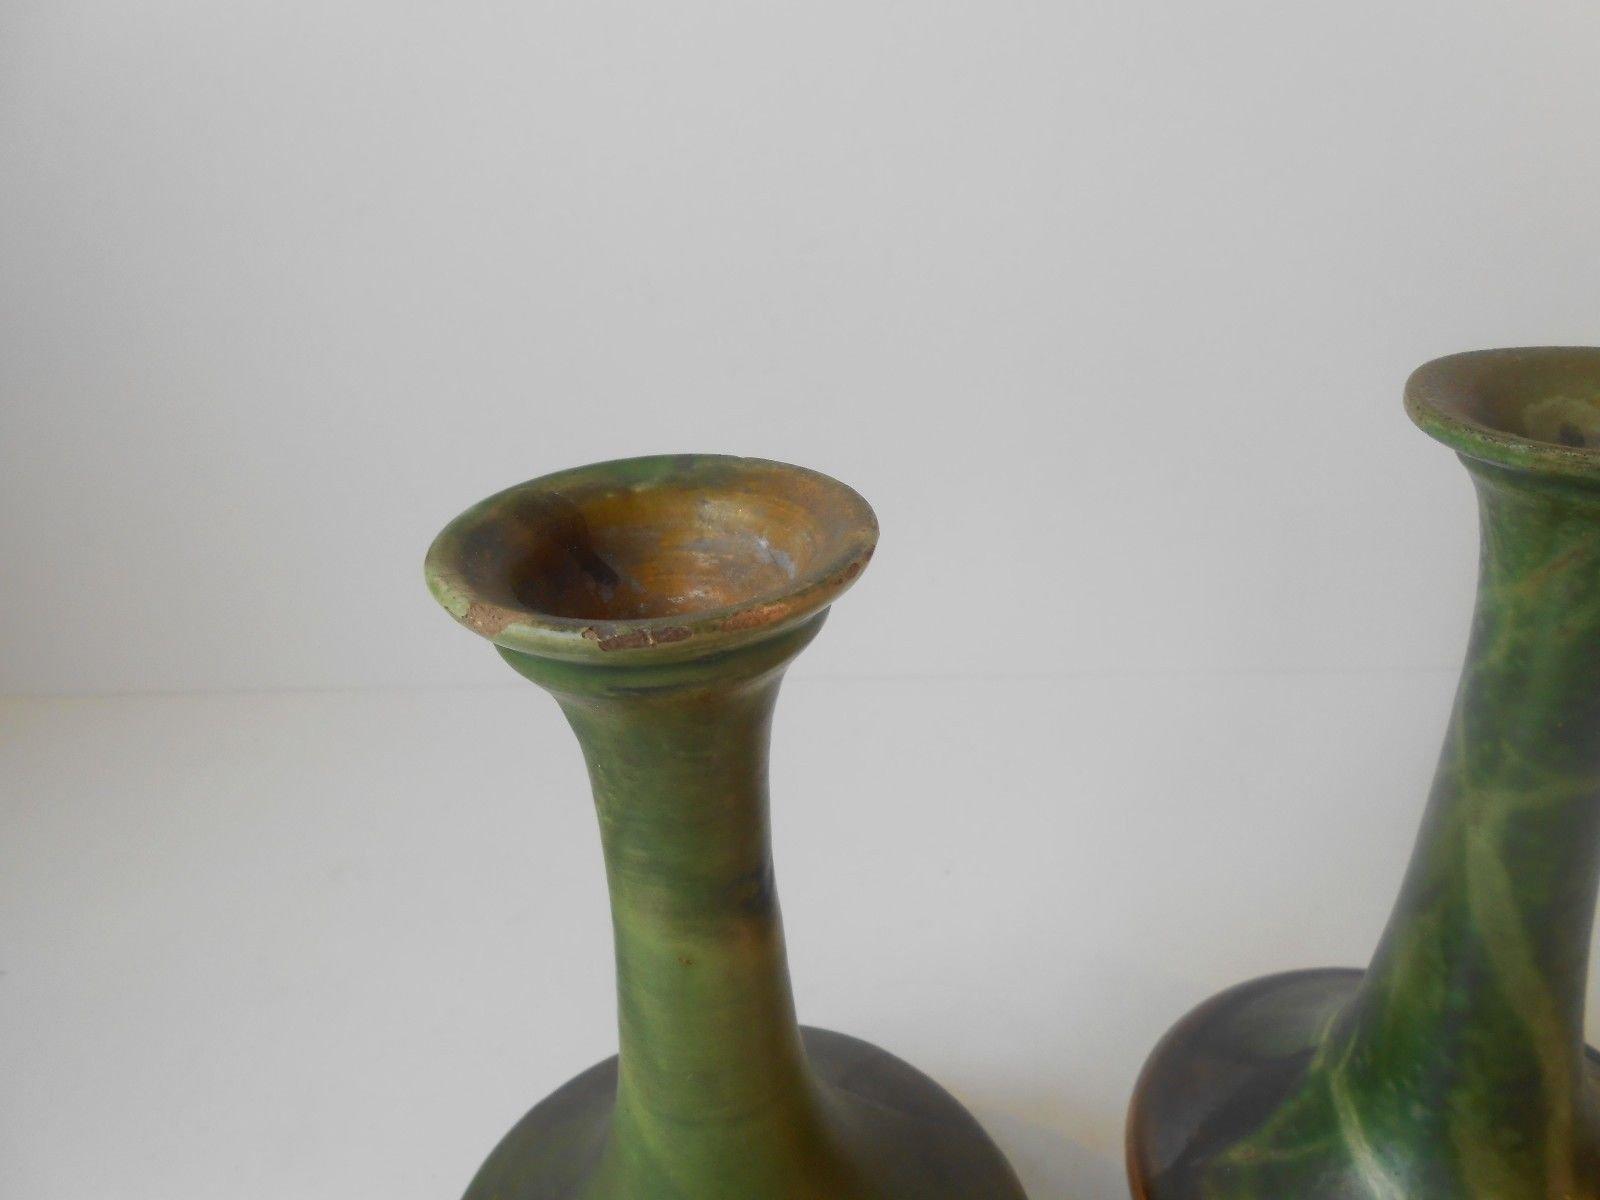 d nische polychrome keramik vasen von hermann august. Black Bedroom Furniture Sets. Home Design Ideas